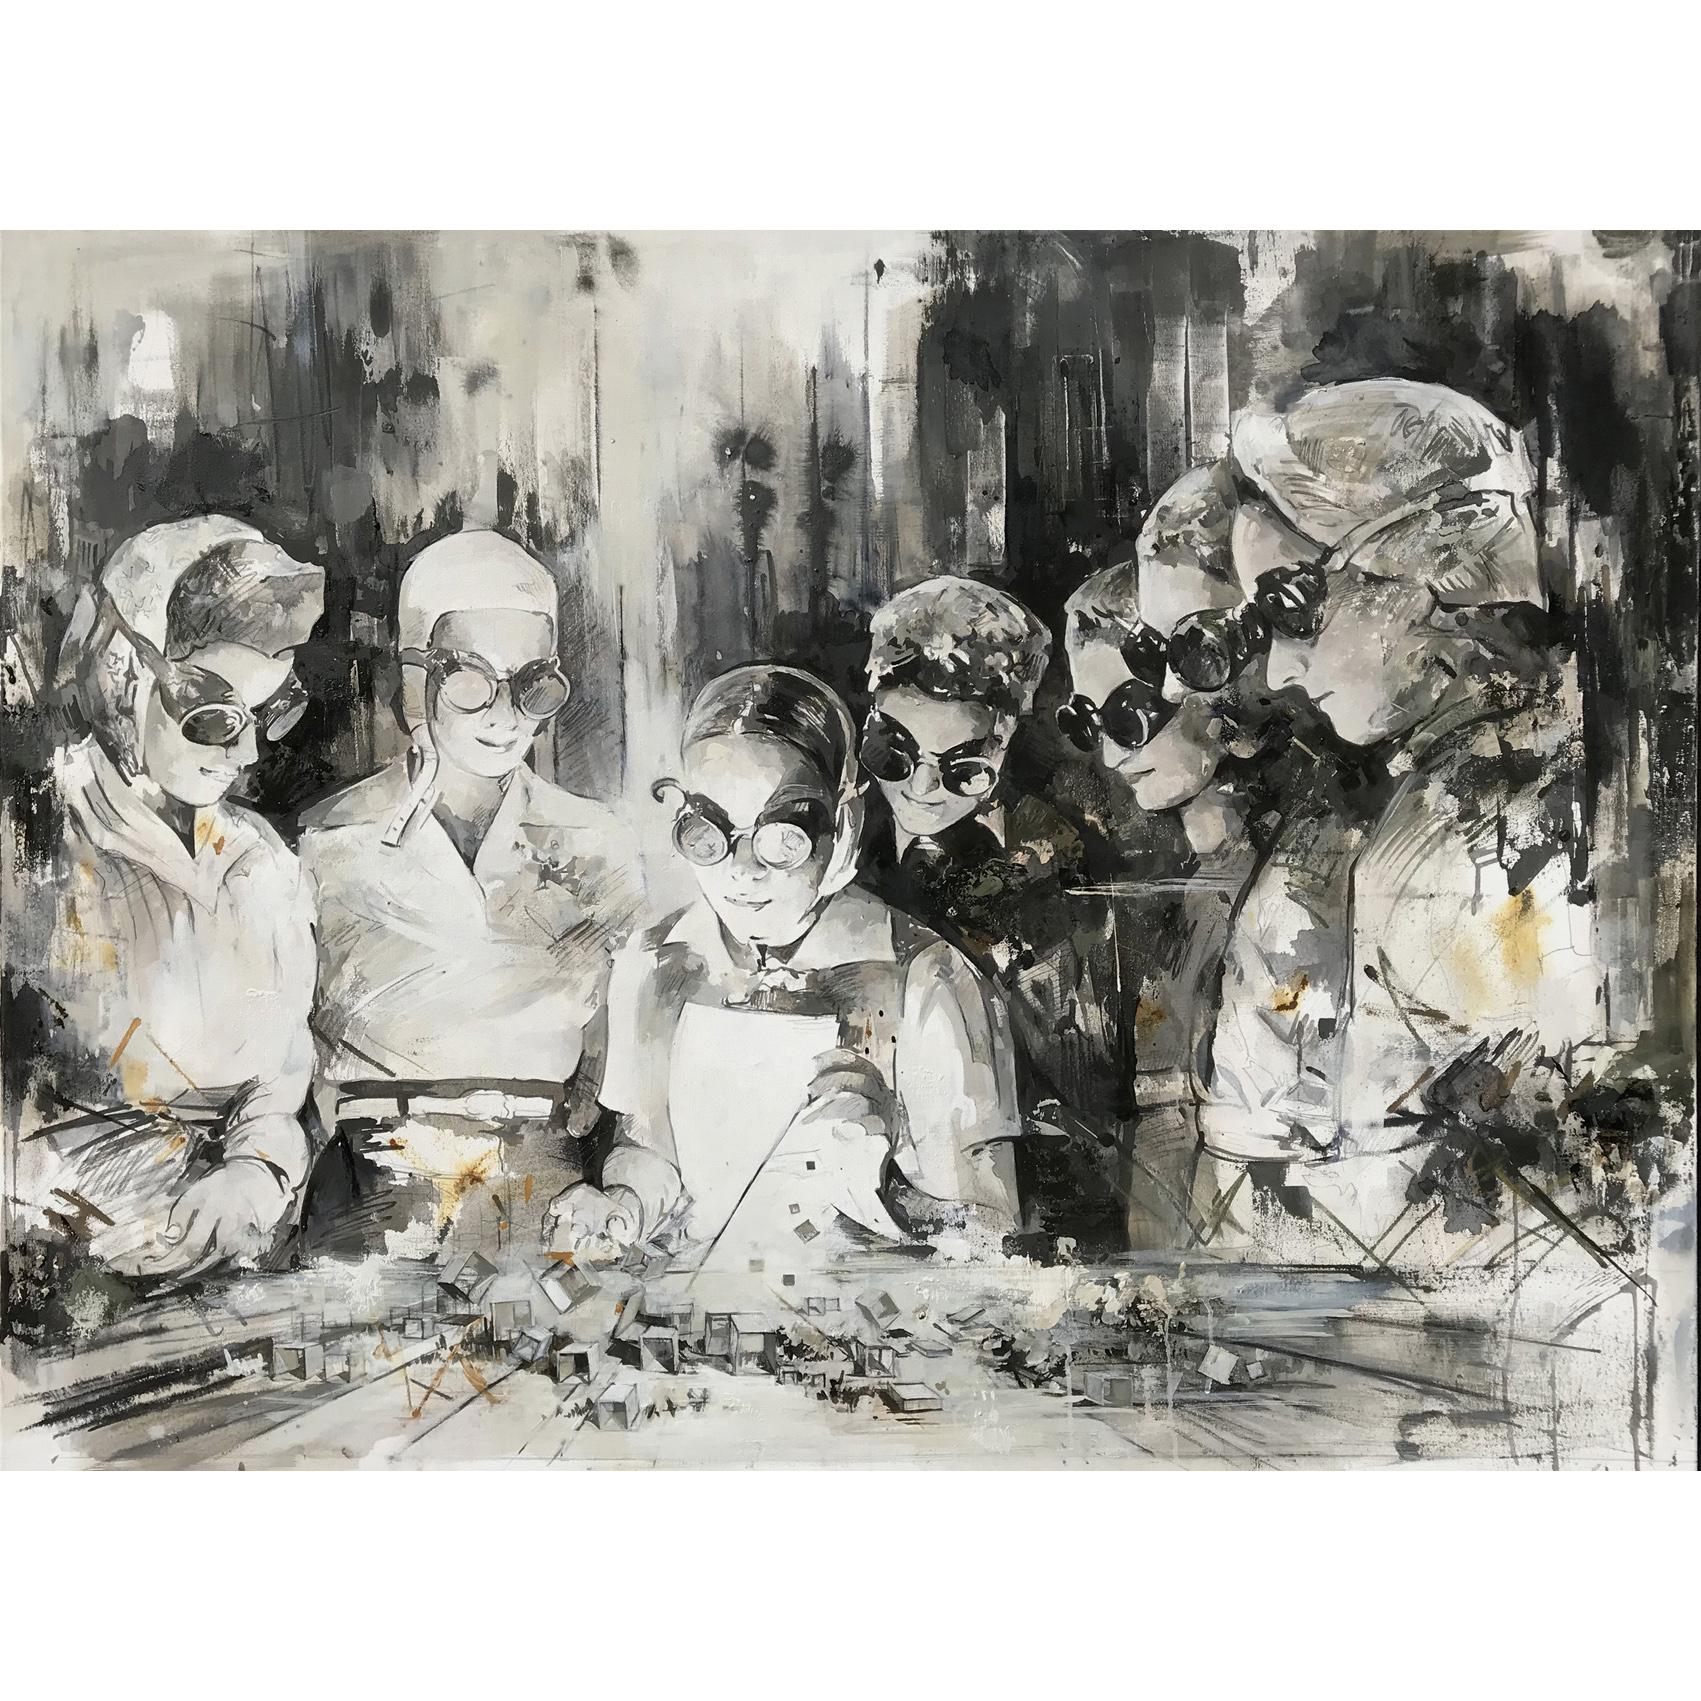 Utopia XXII, 110 x 145 cm, Öl auf Leinwand,  2019